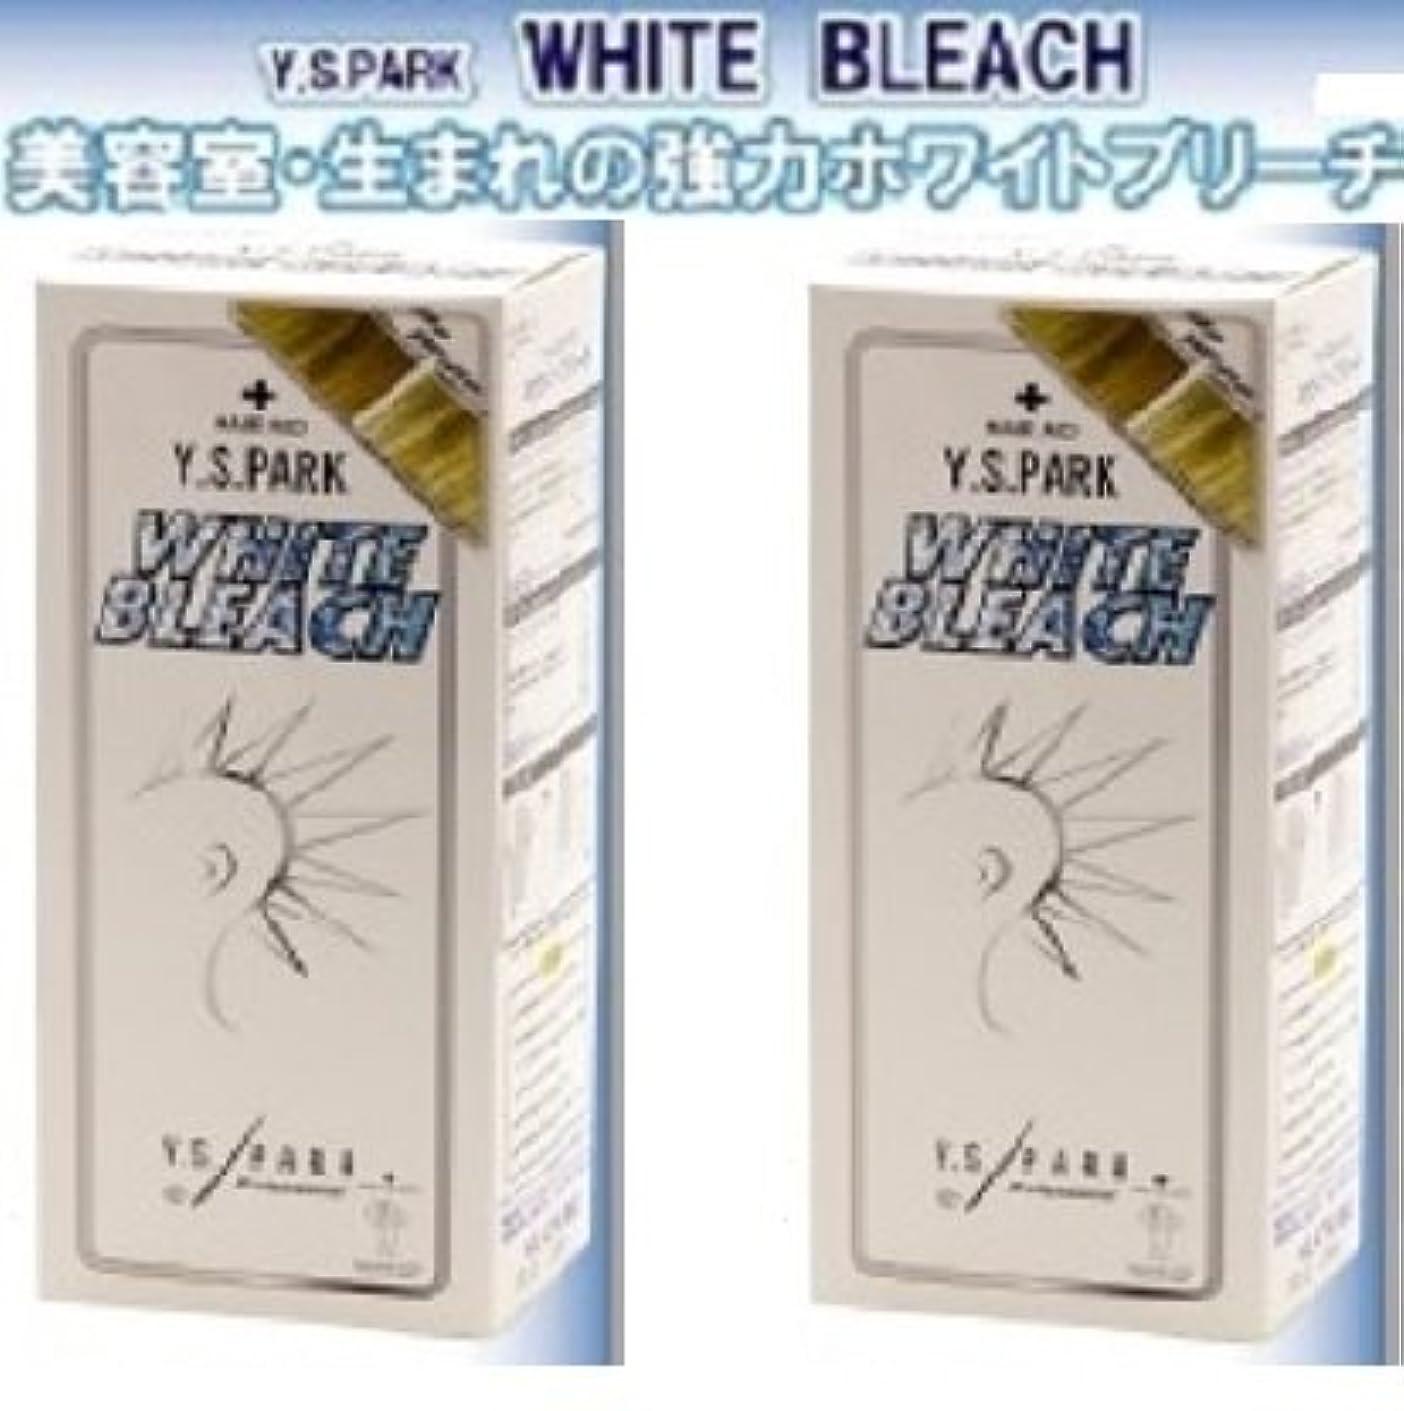 苛性豚バスルーム【YSPARK 】ホワイトブリーチ ×2個セット(お得な2個組)美容室生まれの強力ホワイトブリーチ